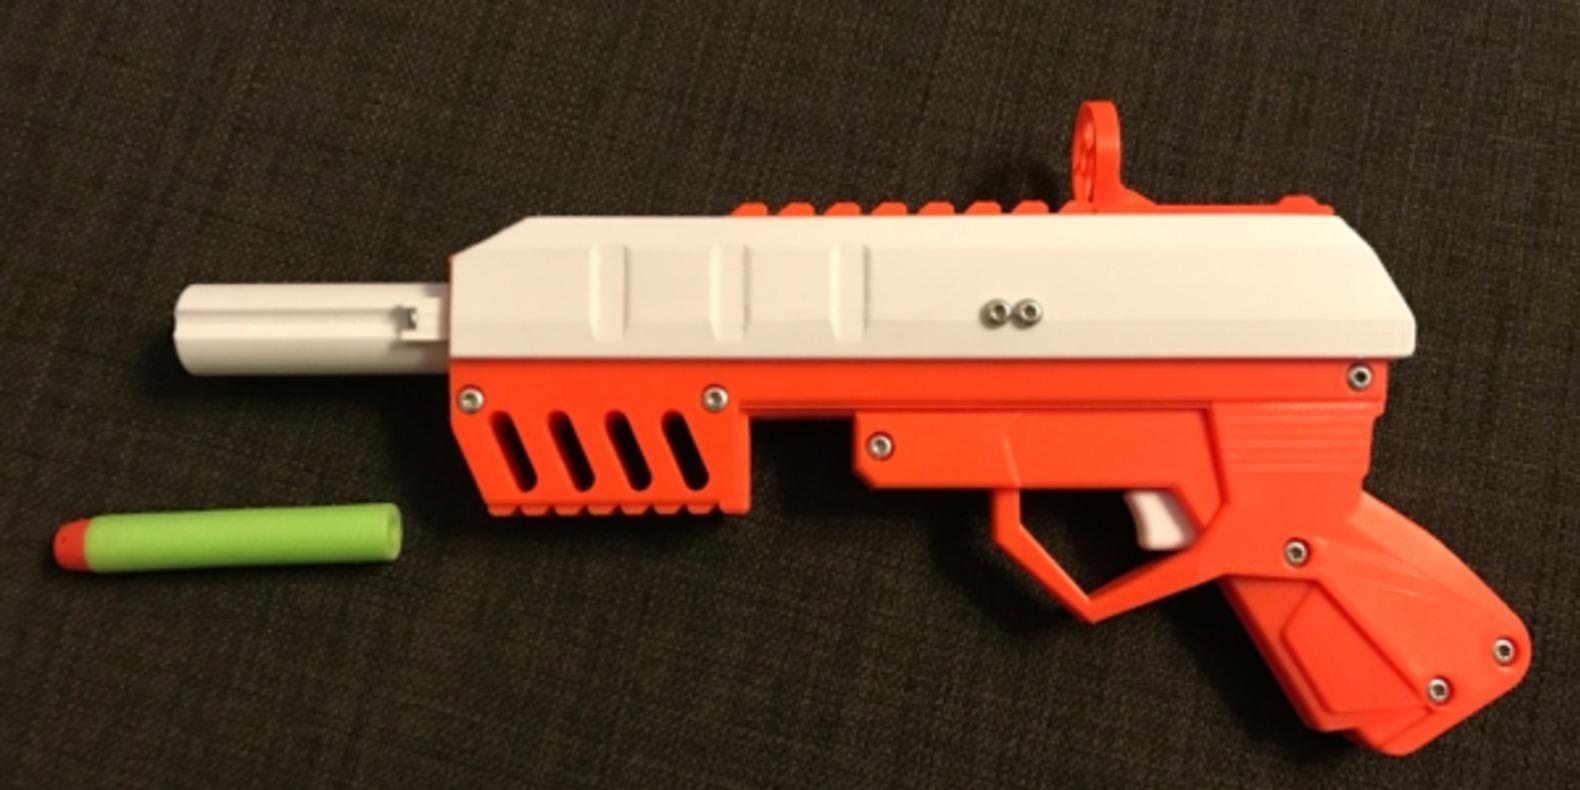 Pistolet NERF imprimé en 3D